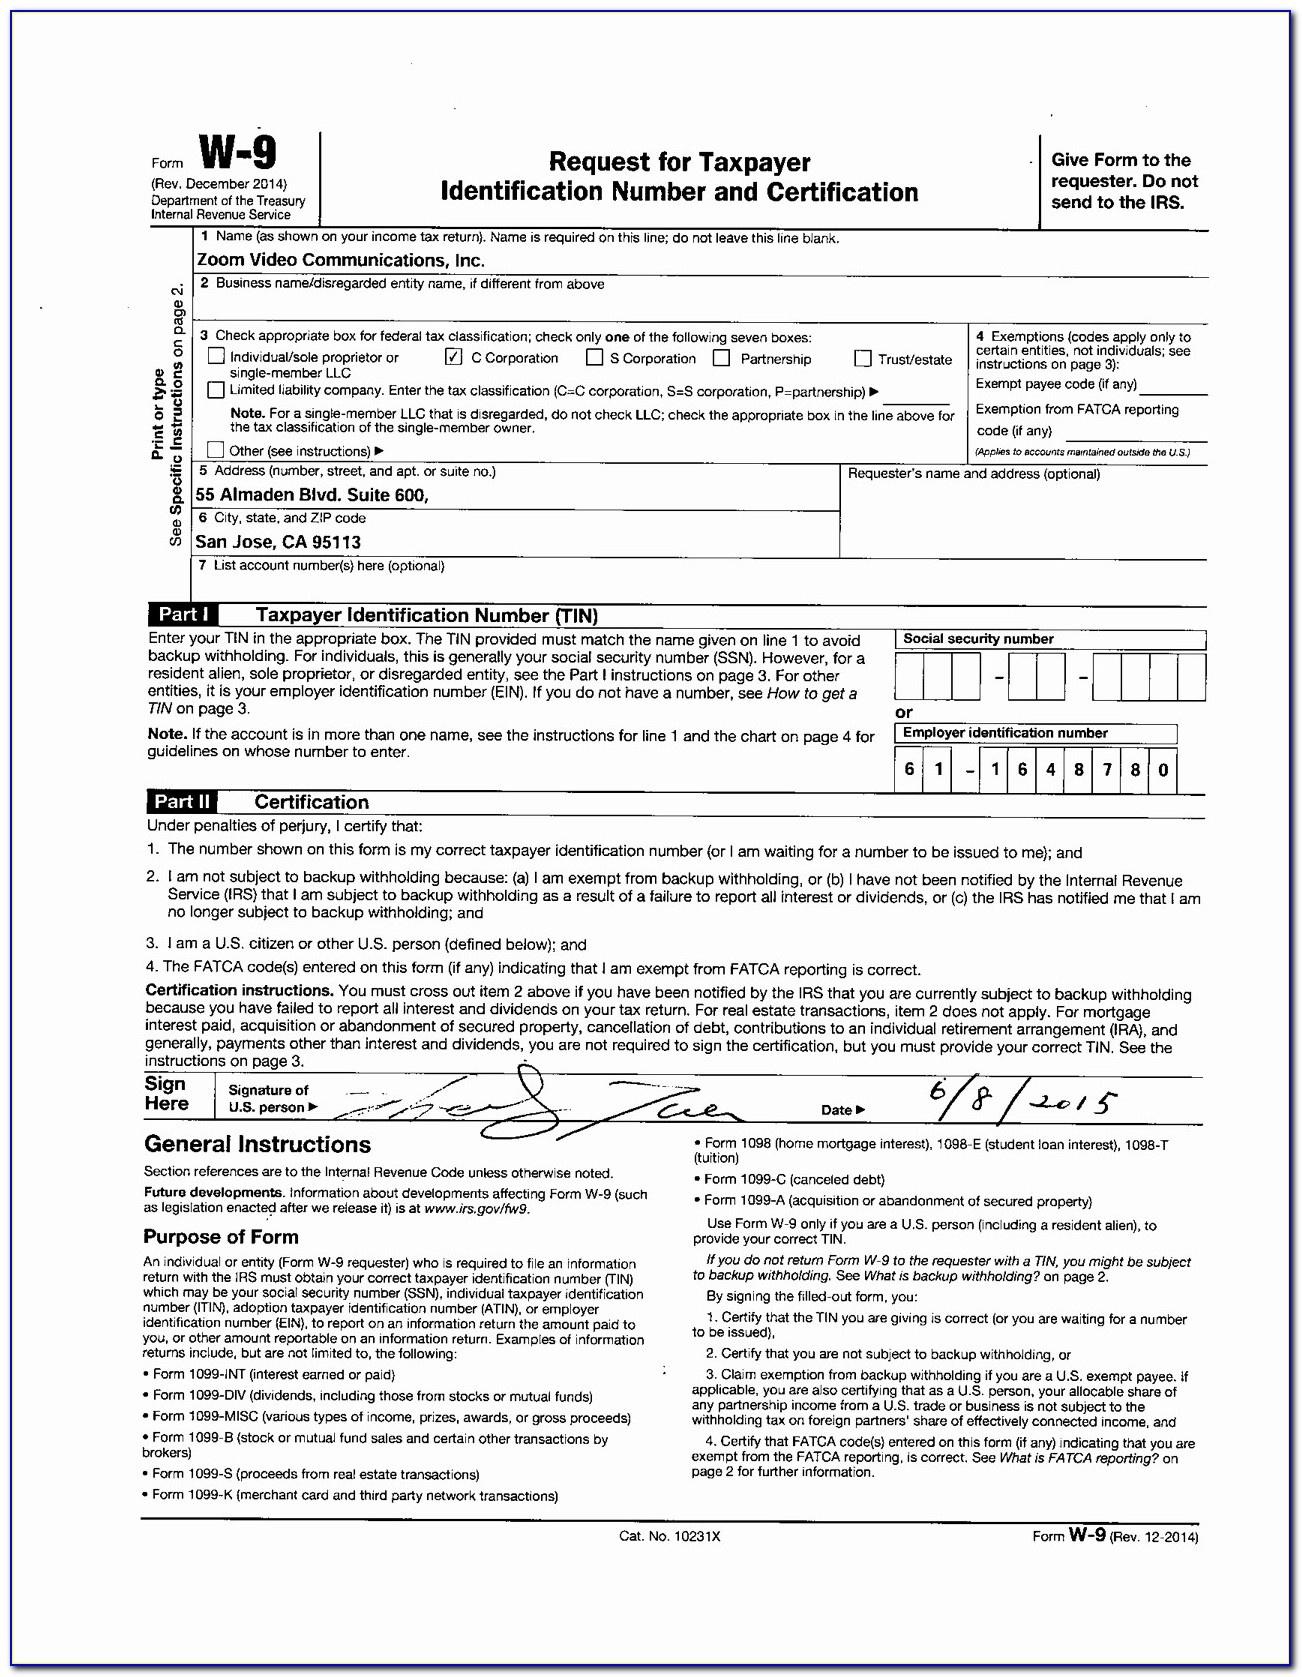 1096 Form 2016 Printable Template Printable 1099 Tax Form 2015 - Free Printable 1096 Form 2015